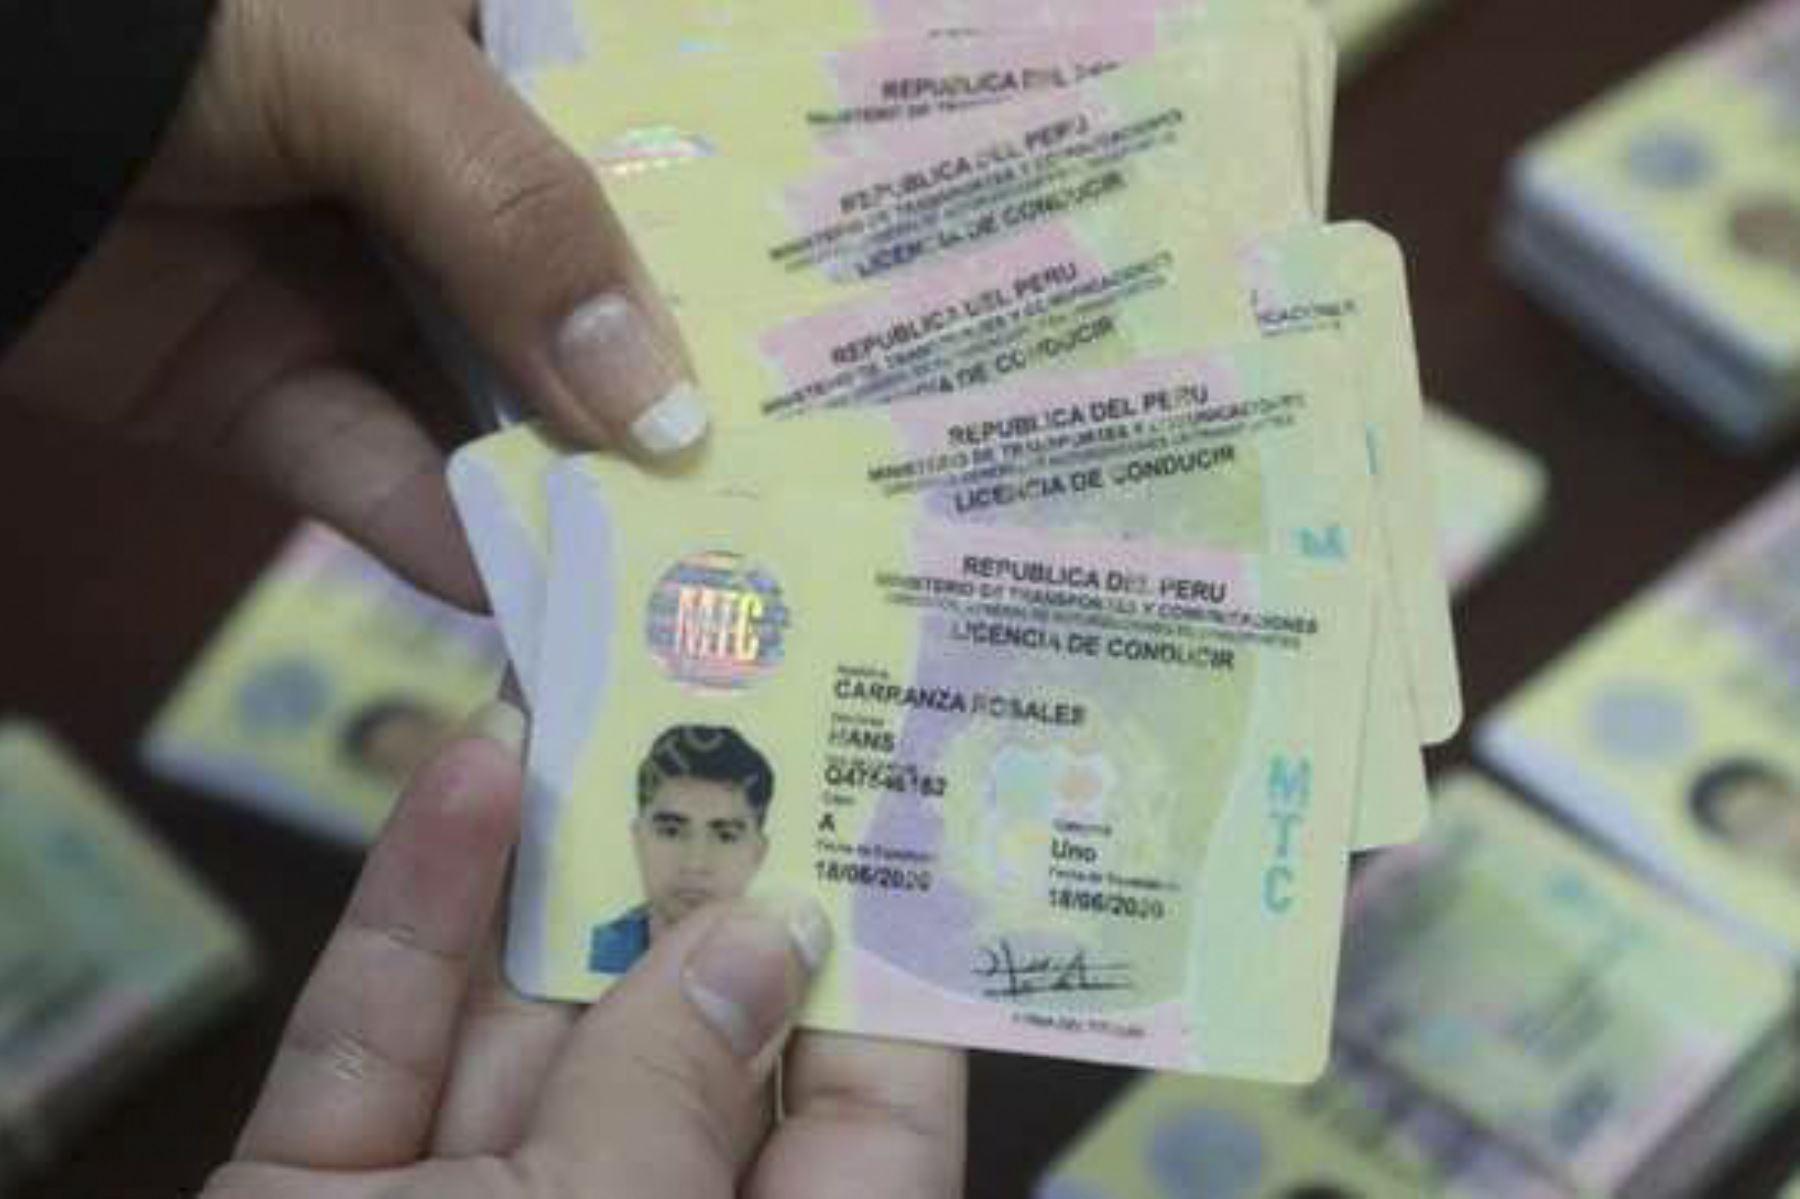 Centro de Emisión de Licencias de Conducir reabre sus puertas desde el lunes 28 | Noticias